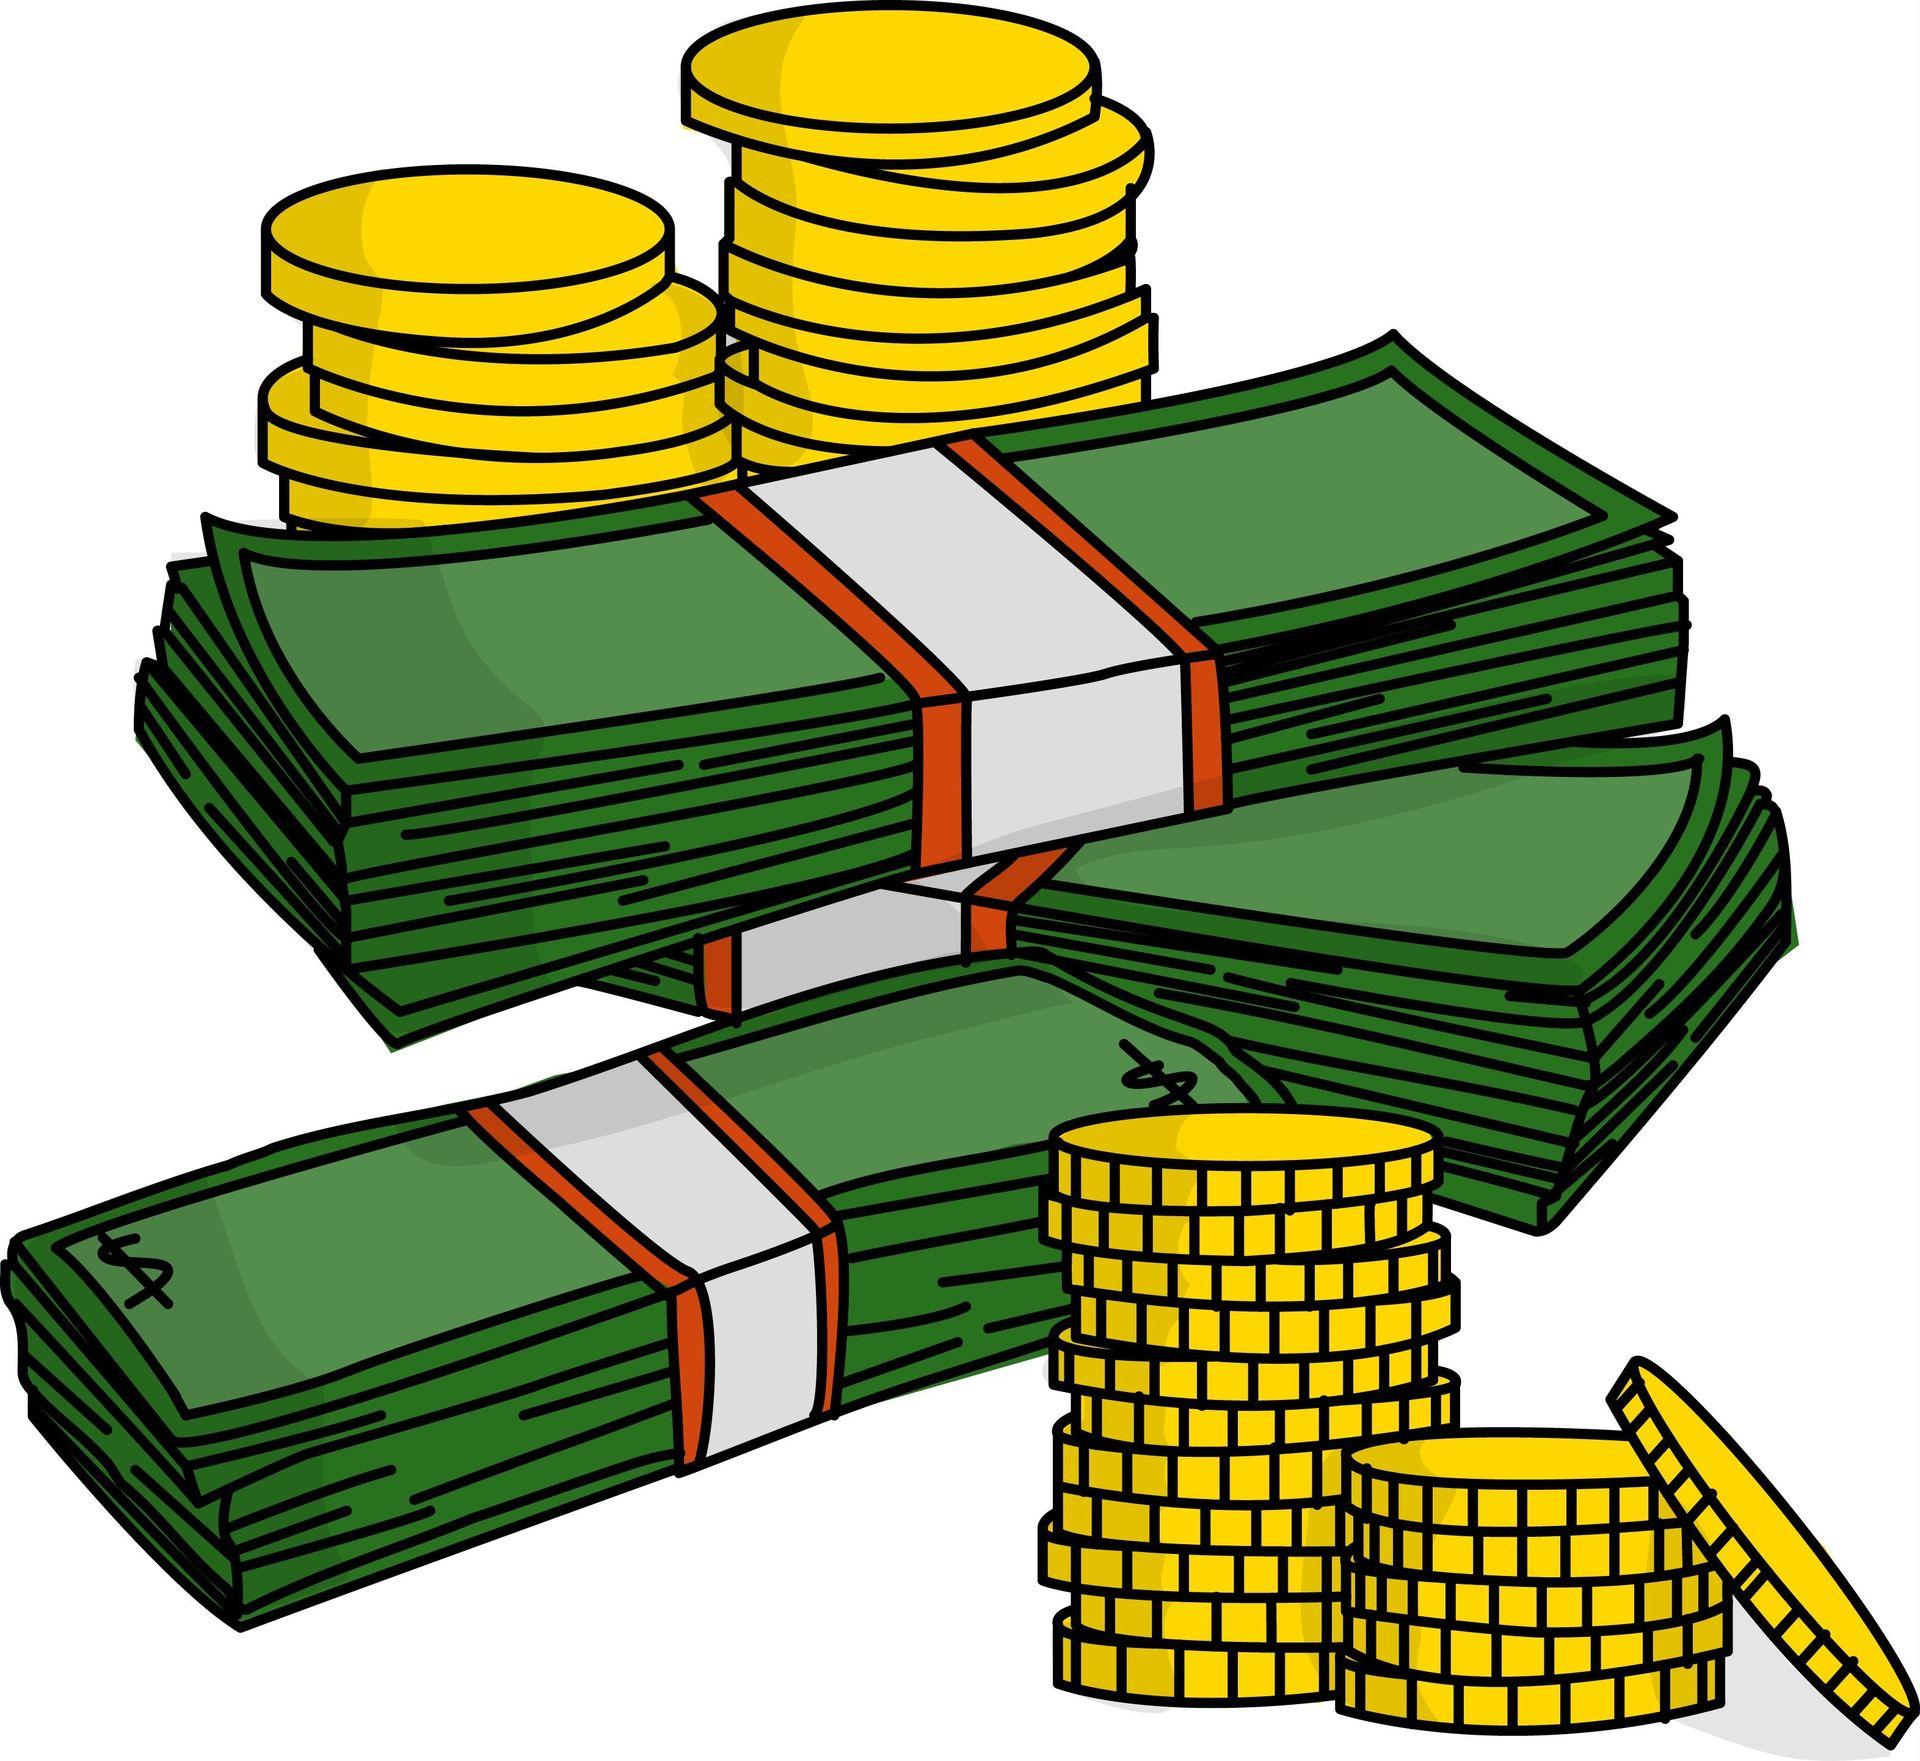 money-clip-art-free-clipart-images-2-clipartandscrap-money